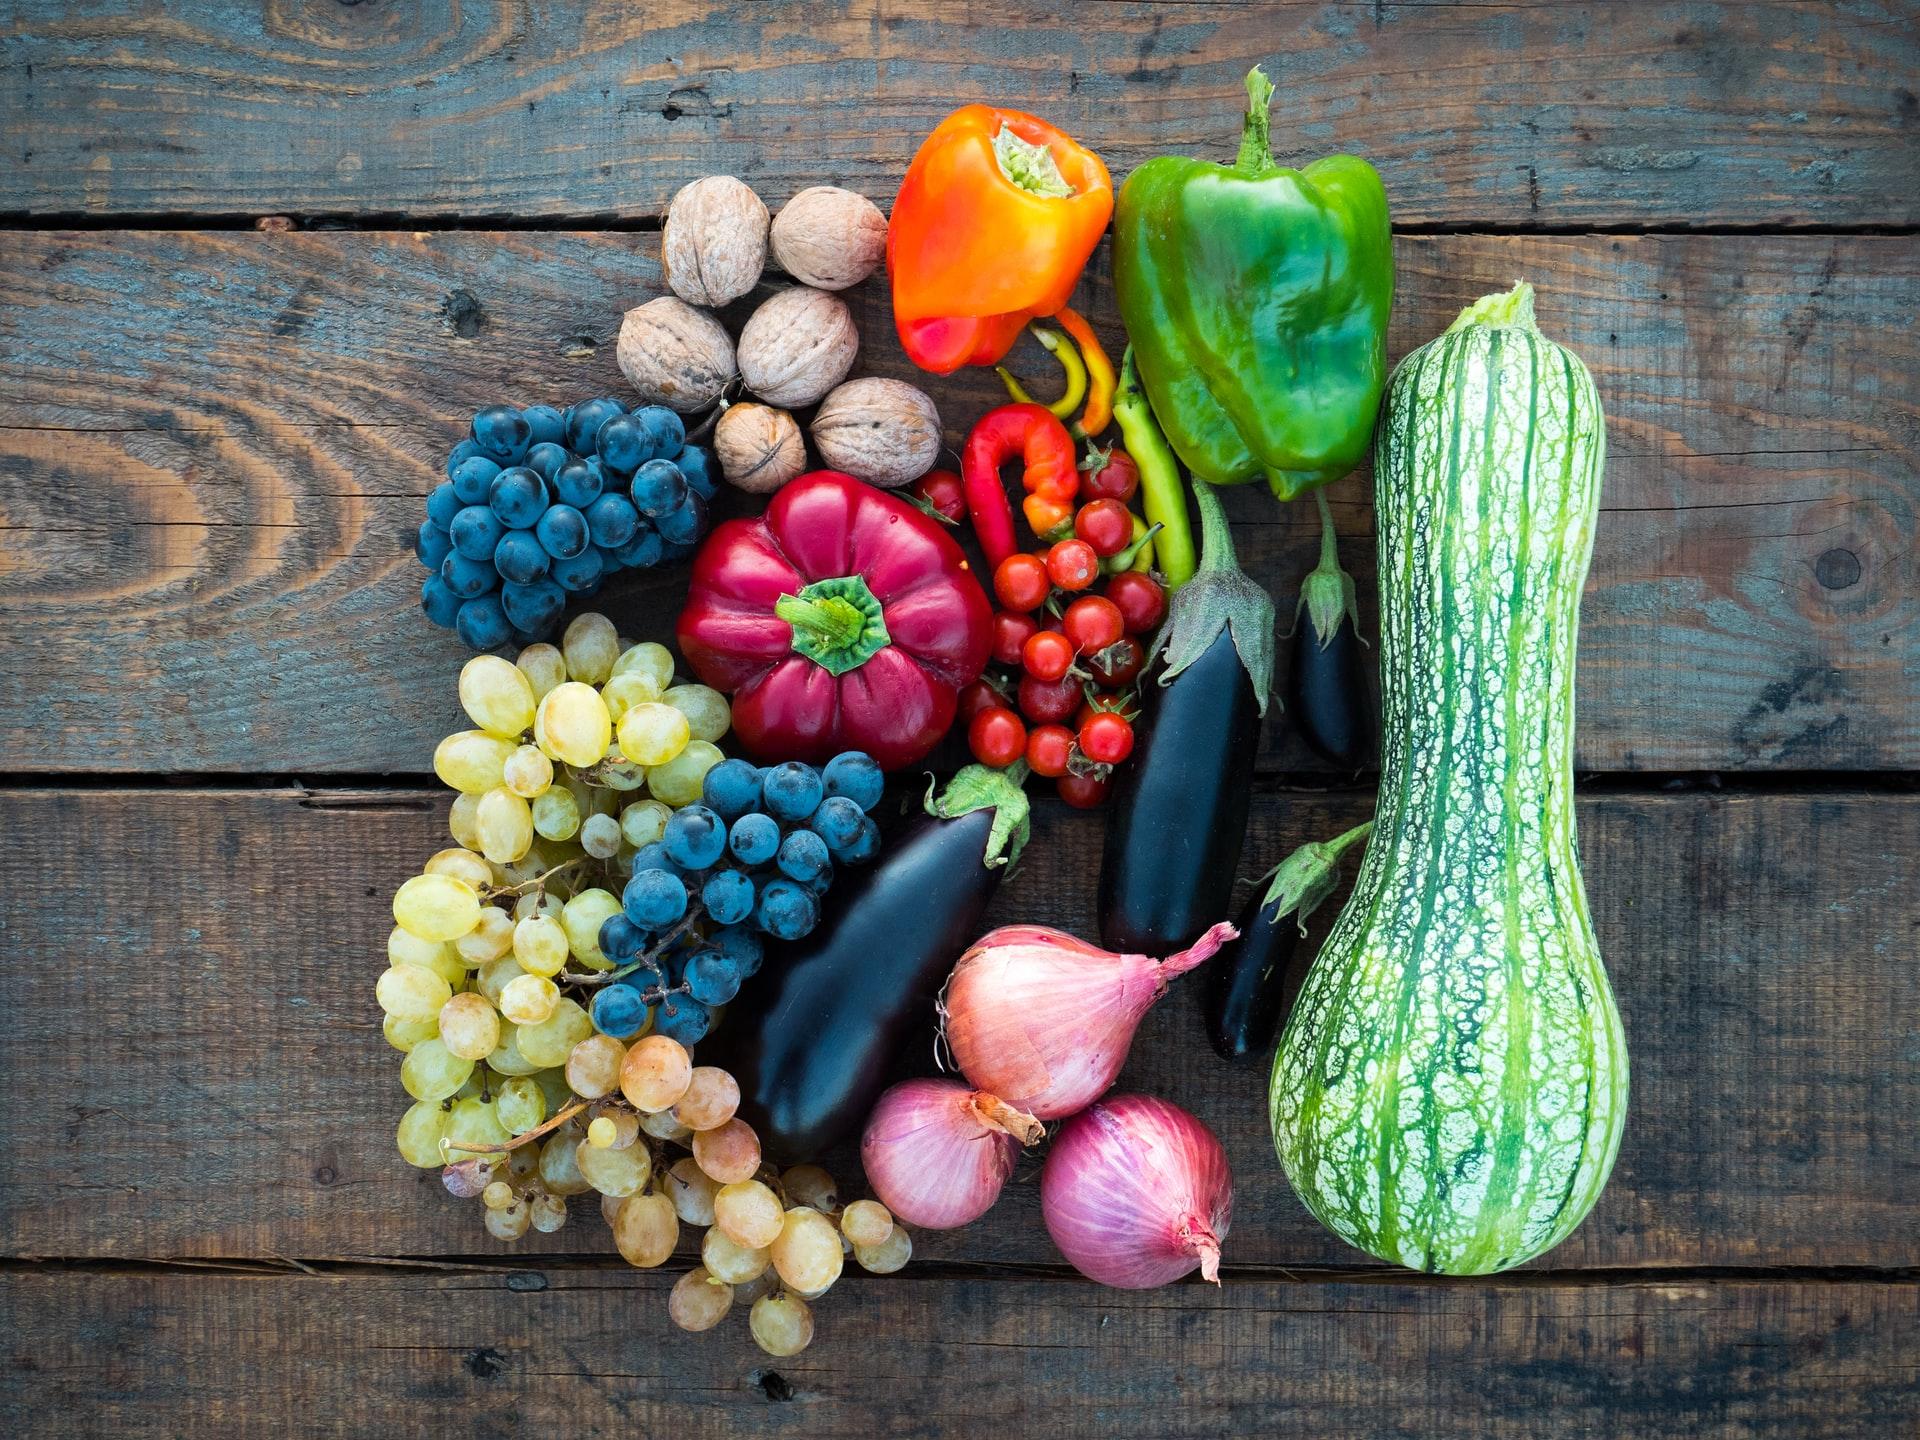 Bugetul-Familiei-28-Cum-își-gestionează-banii-o-familie-de-mici-antreprenori-și-cum-cheltuiesc-doar-apr.-4000-ron-pe-lună_legume-de-sezon